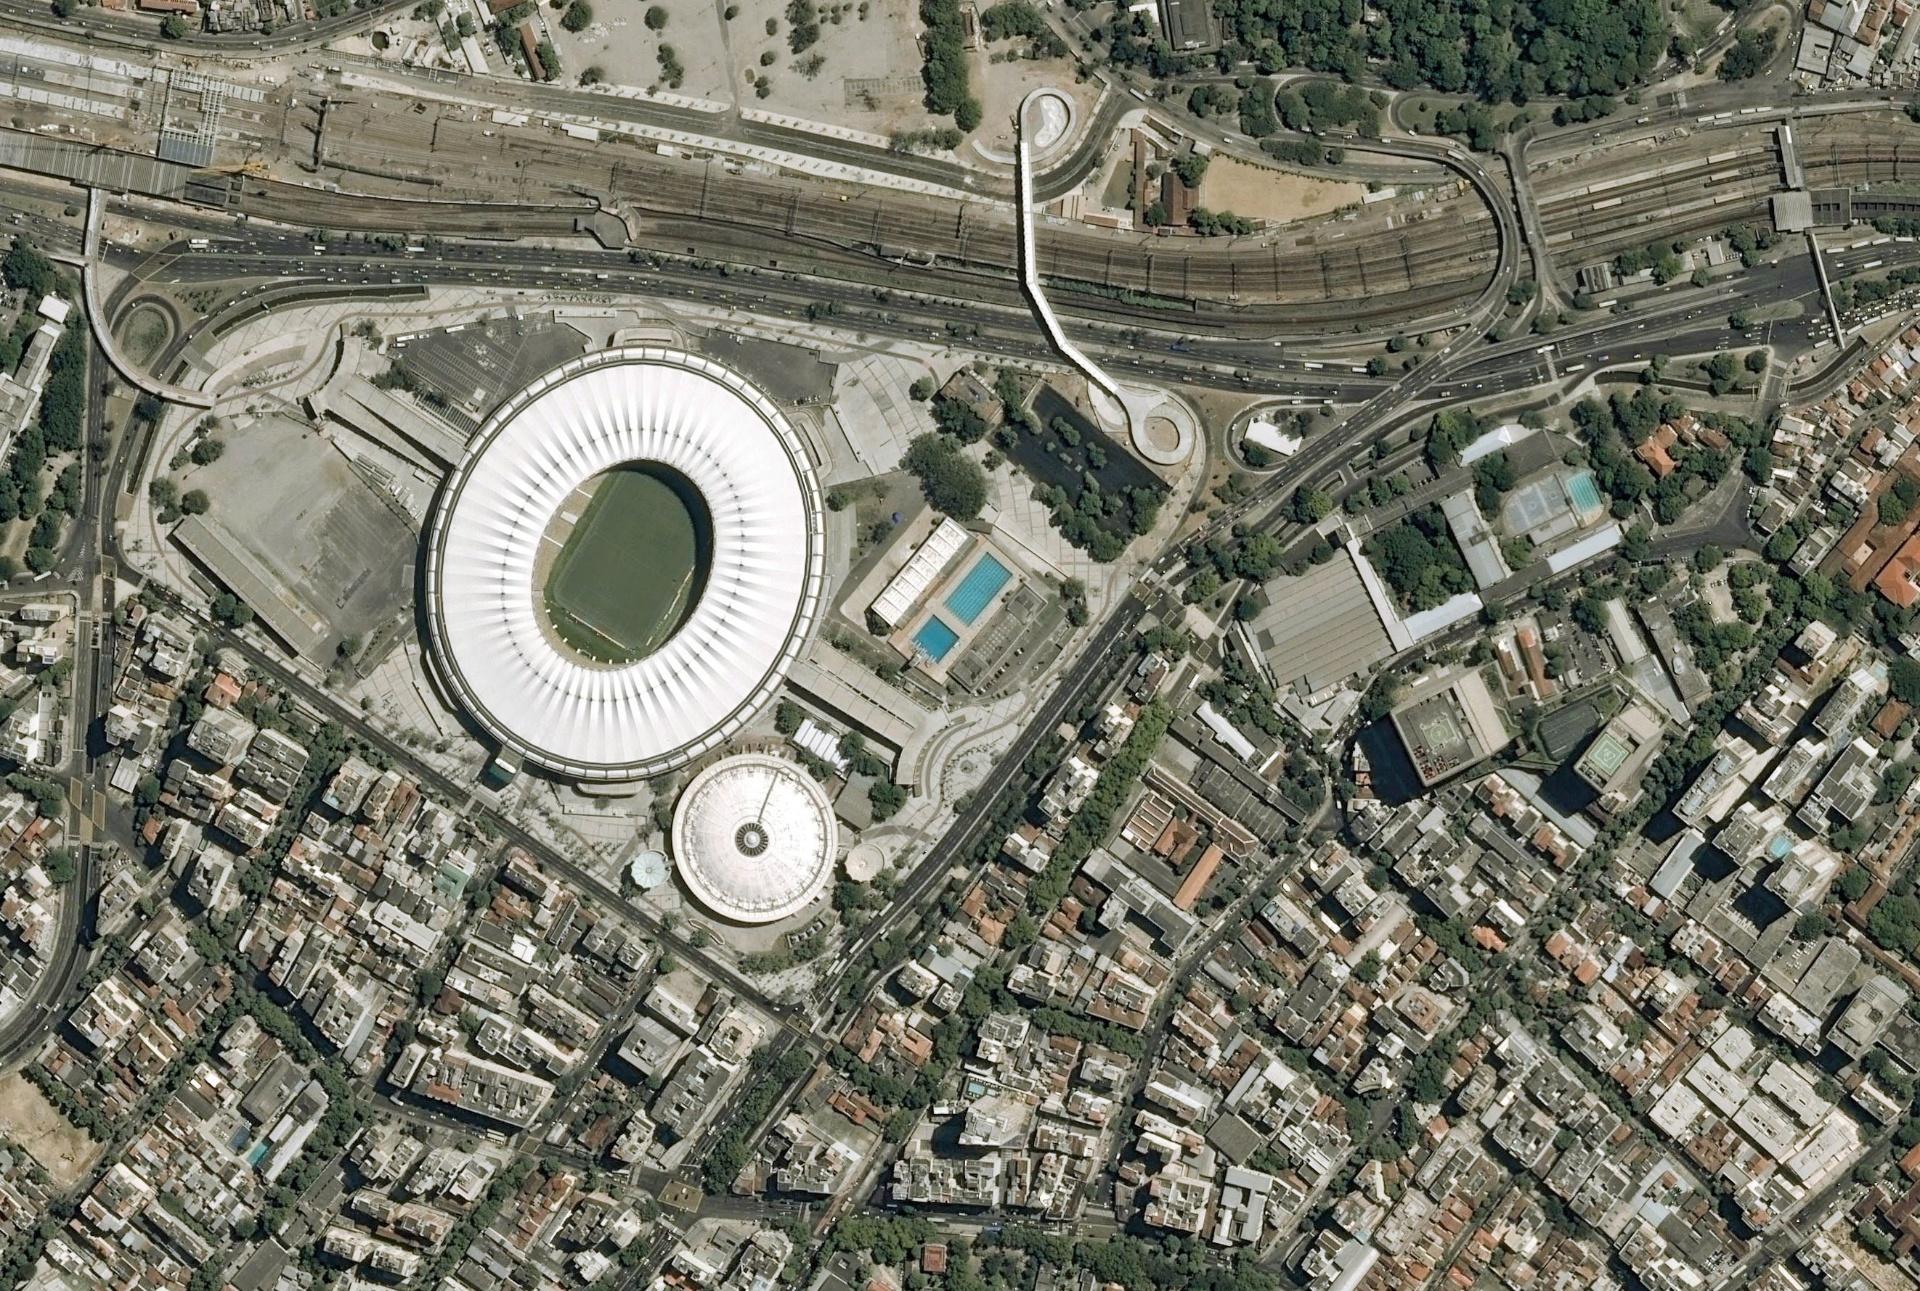 Imagem do estádio do Maracanã, vista do espaço e captada por satélite